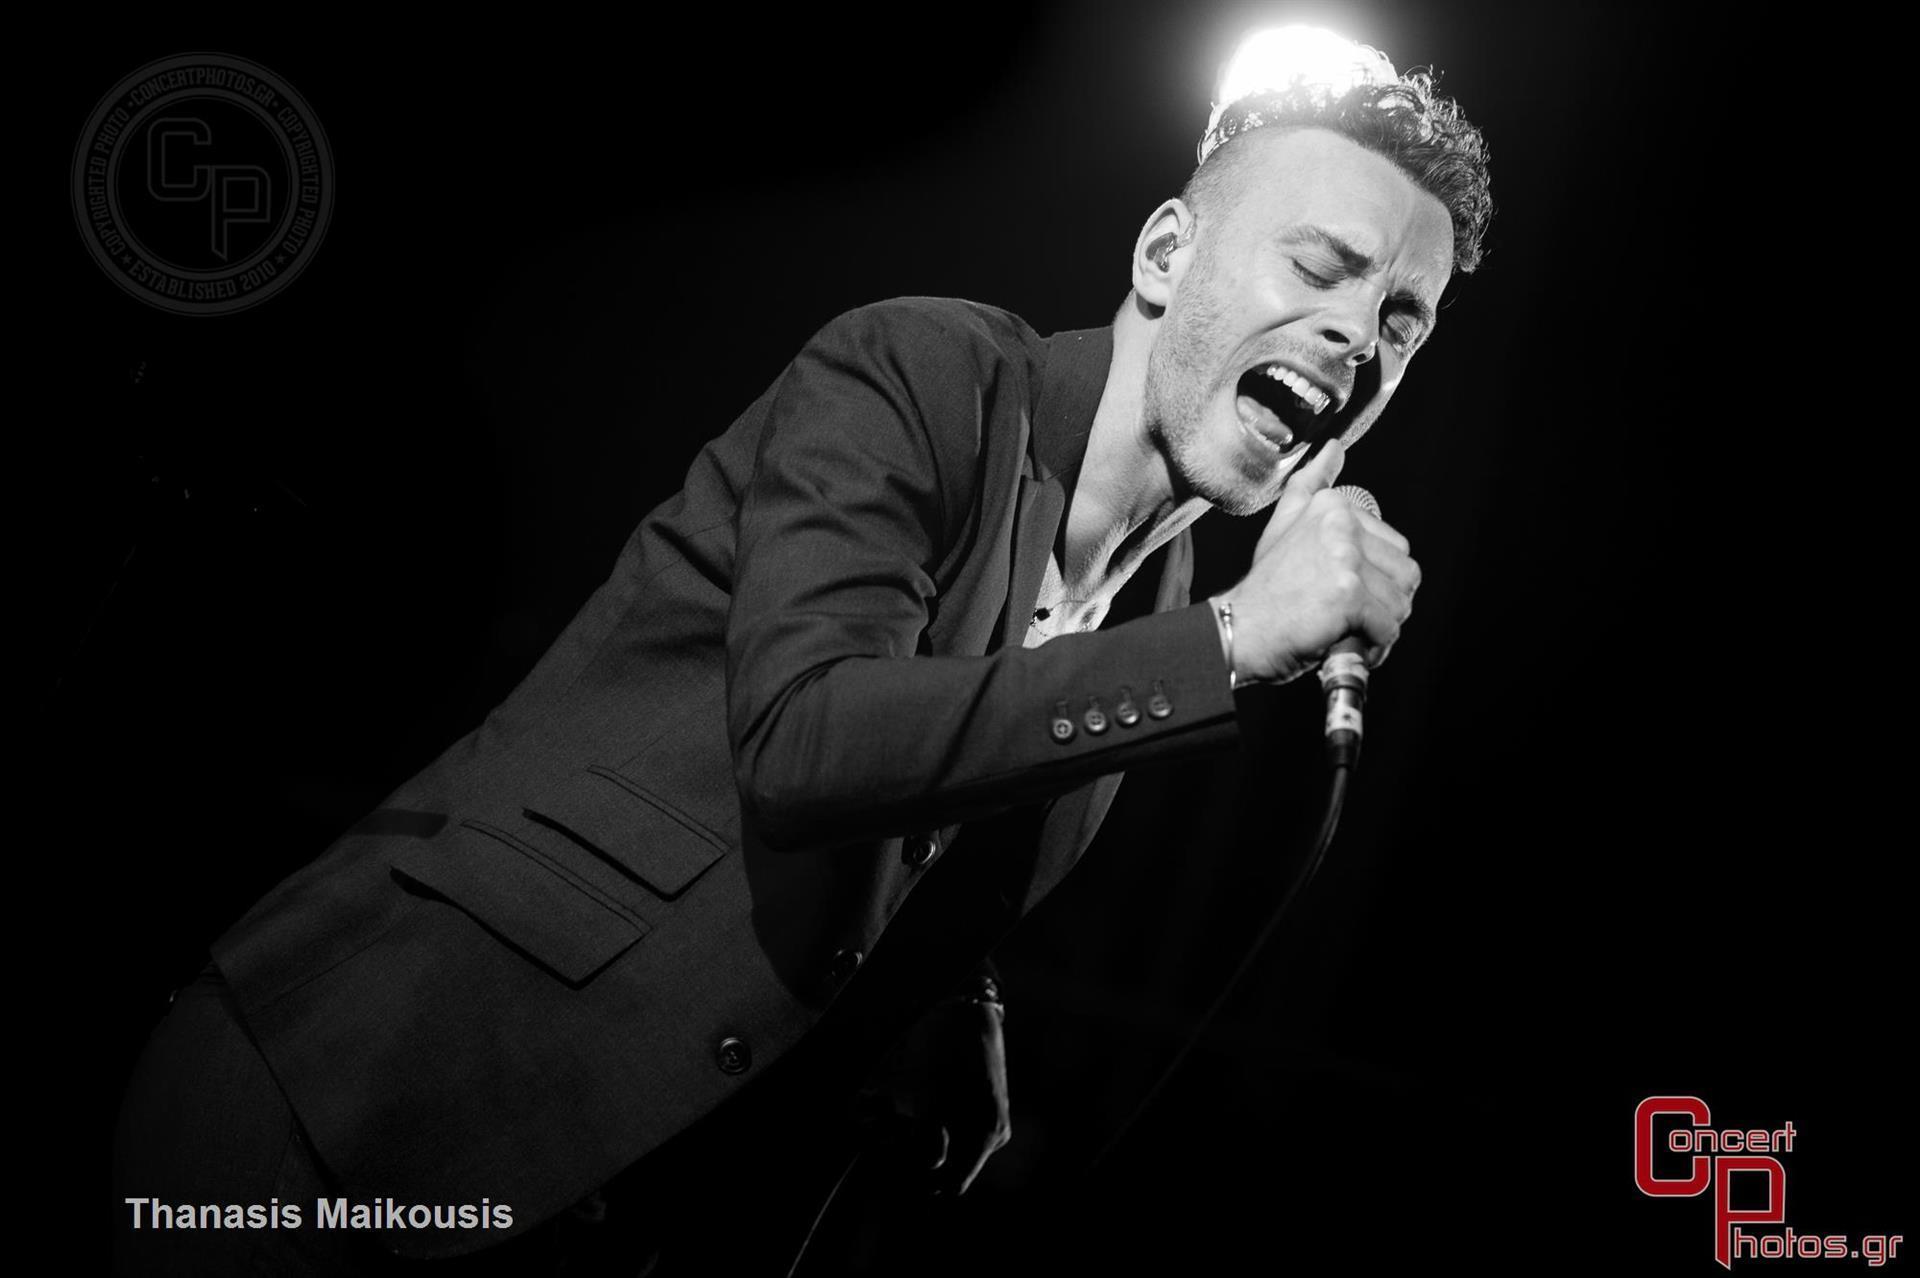 Asaf Avidan-Asaf Avidan photographer: Thanasis Maikousis - ConcertPhotos - 20150624_2101_52